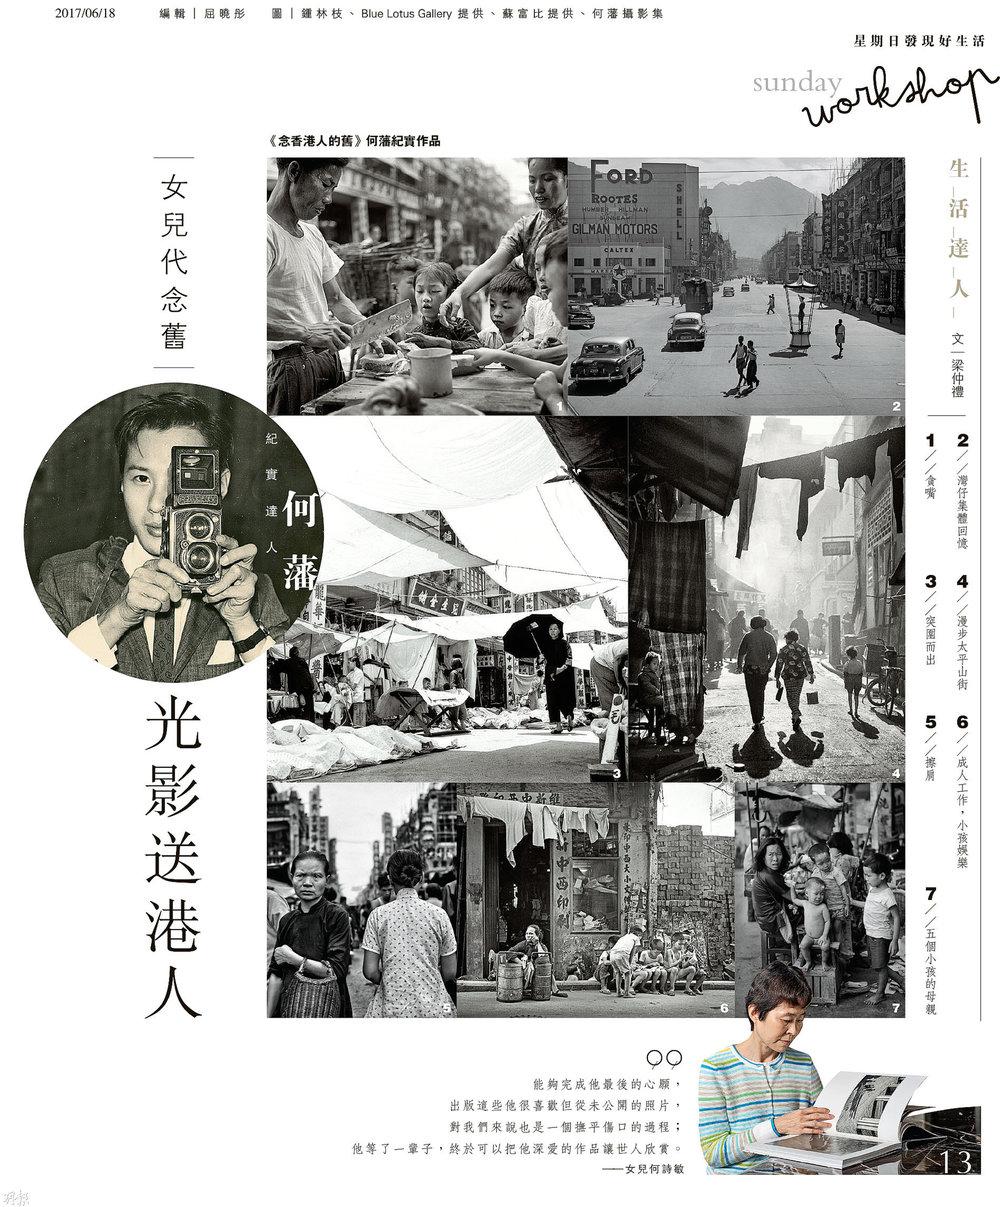 Ming Pao P13 20170618.jpg